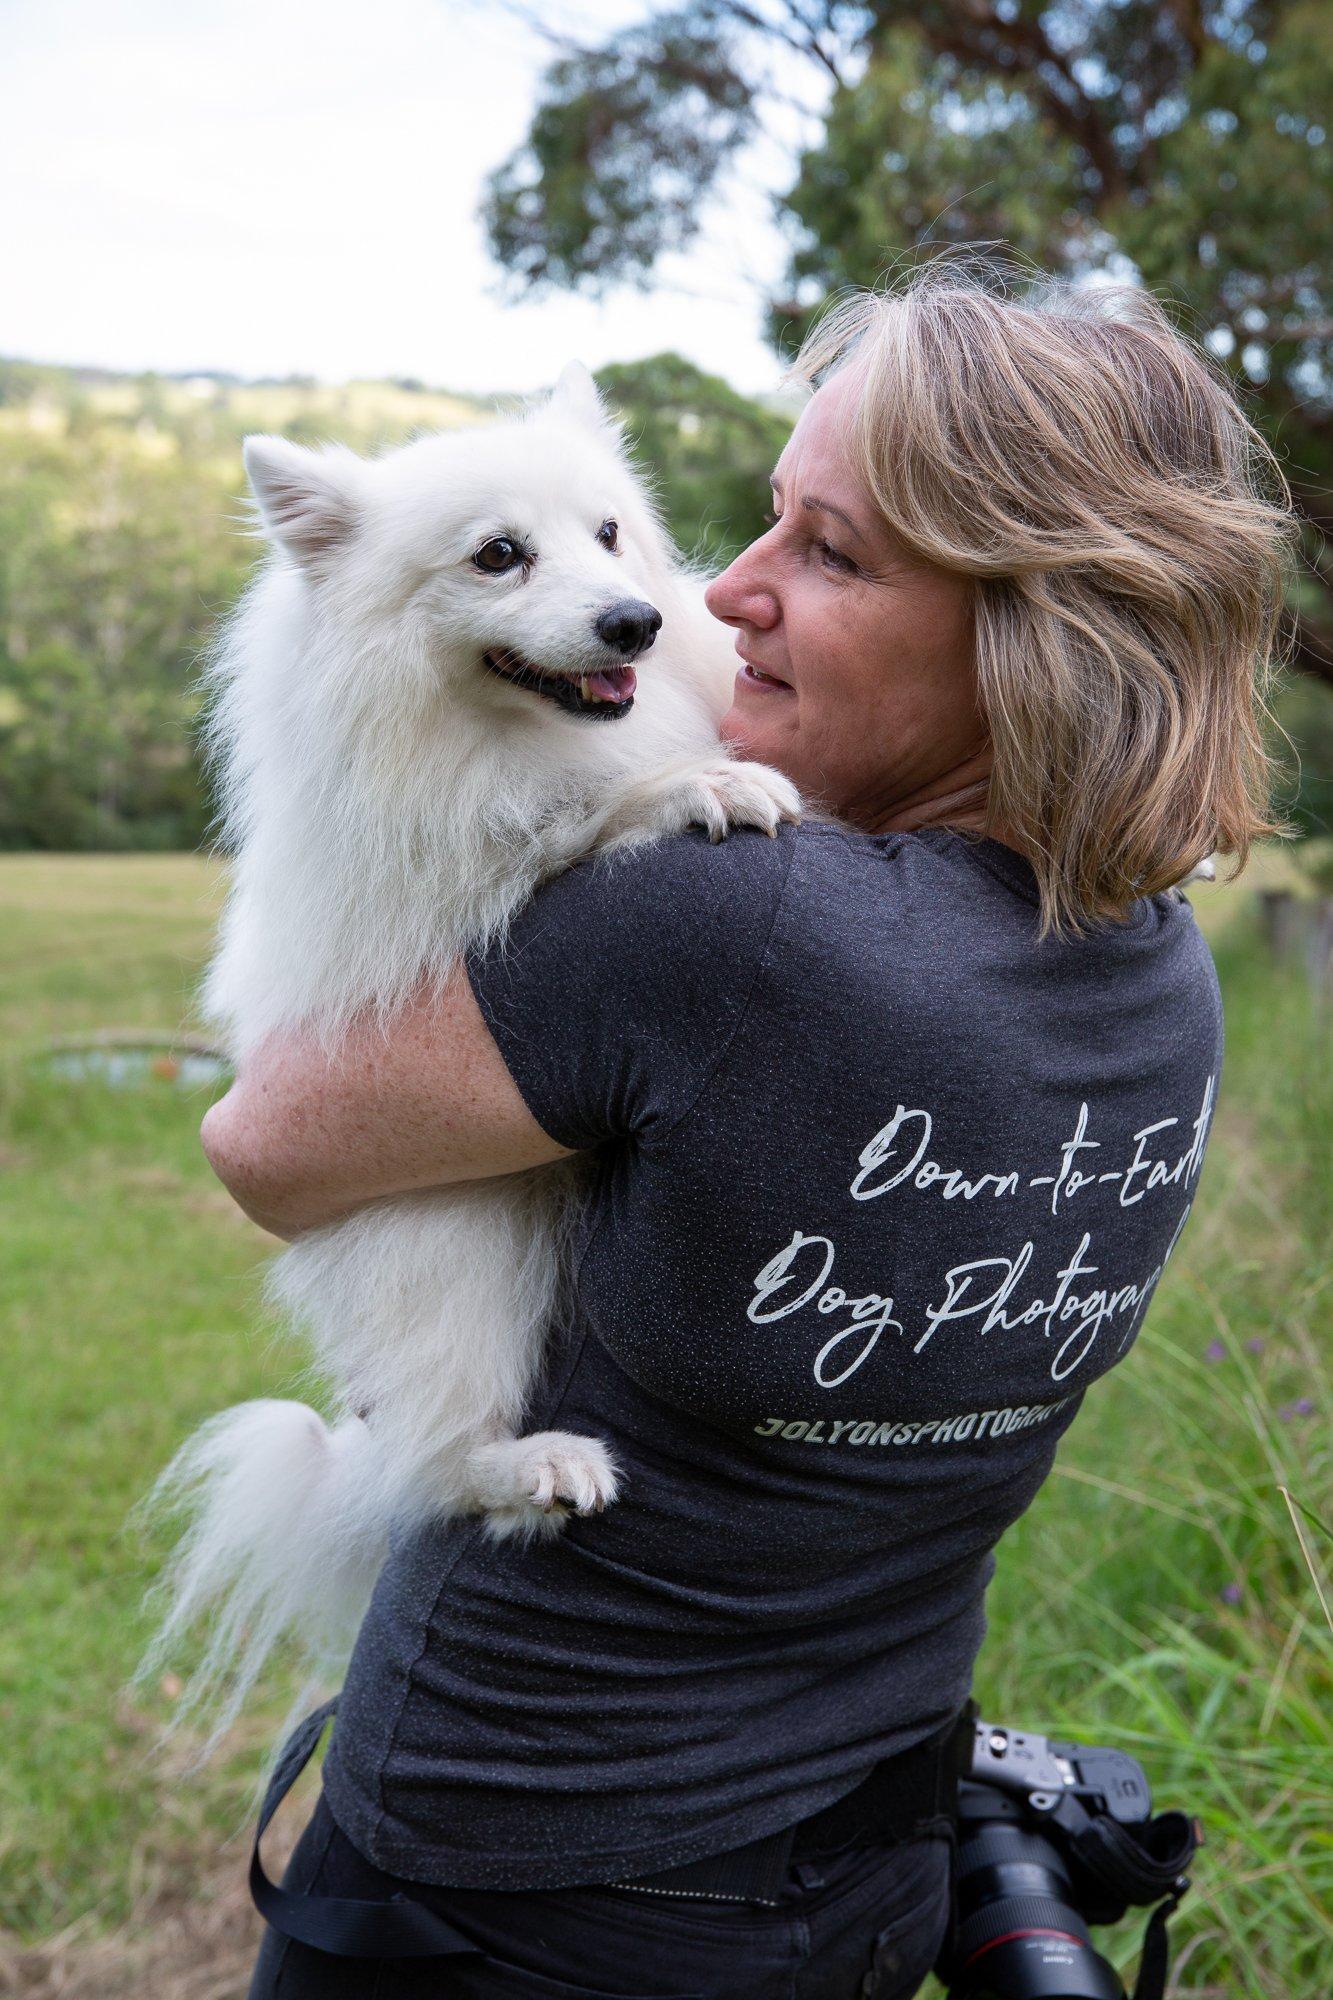 Jo Lyons the dog photographer holding a white Japanese Spitz dog